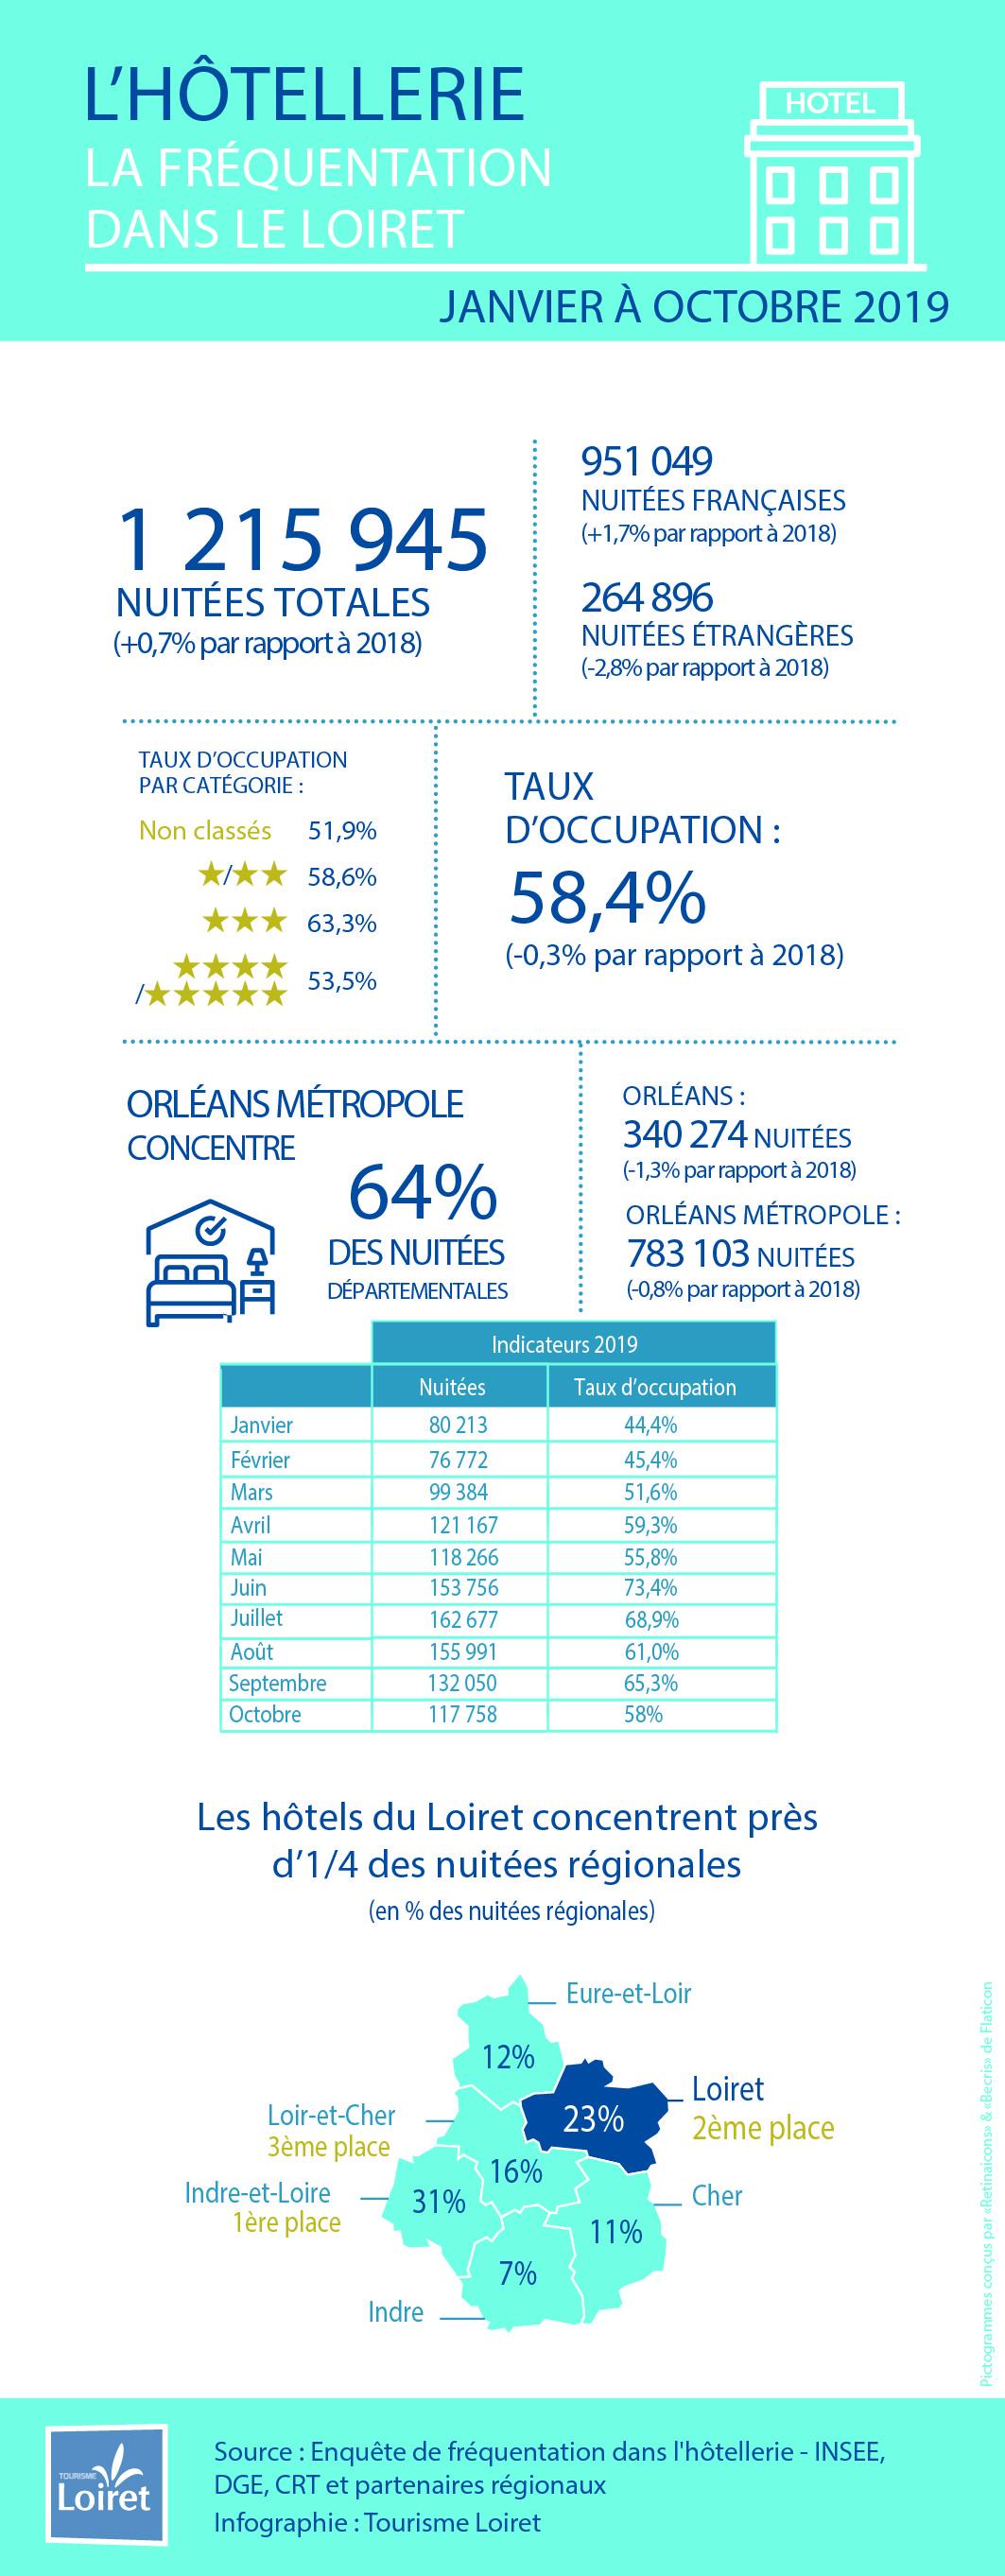 infographie fréquentation hôtels à fin octobre